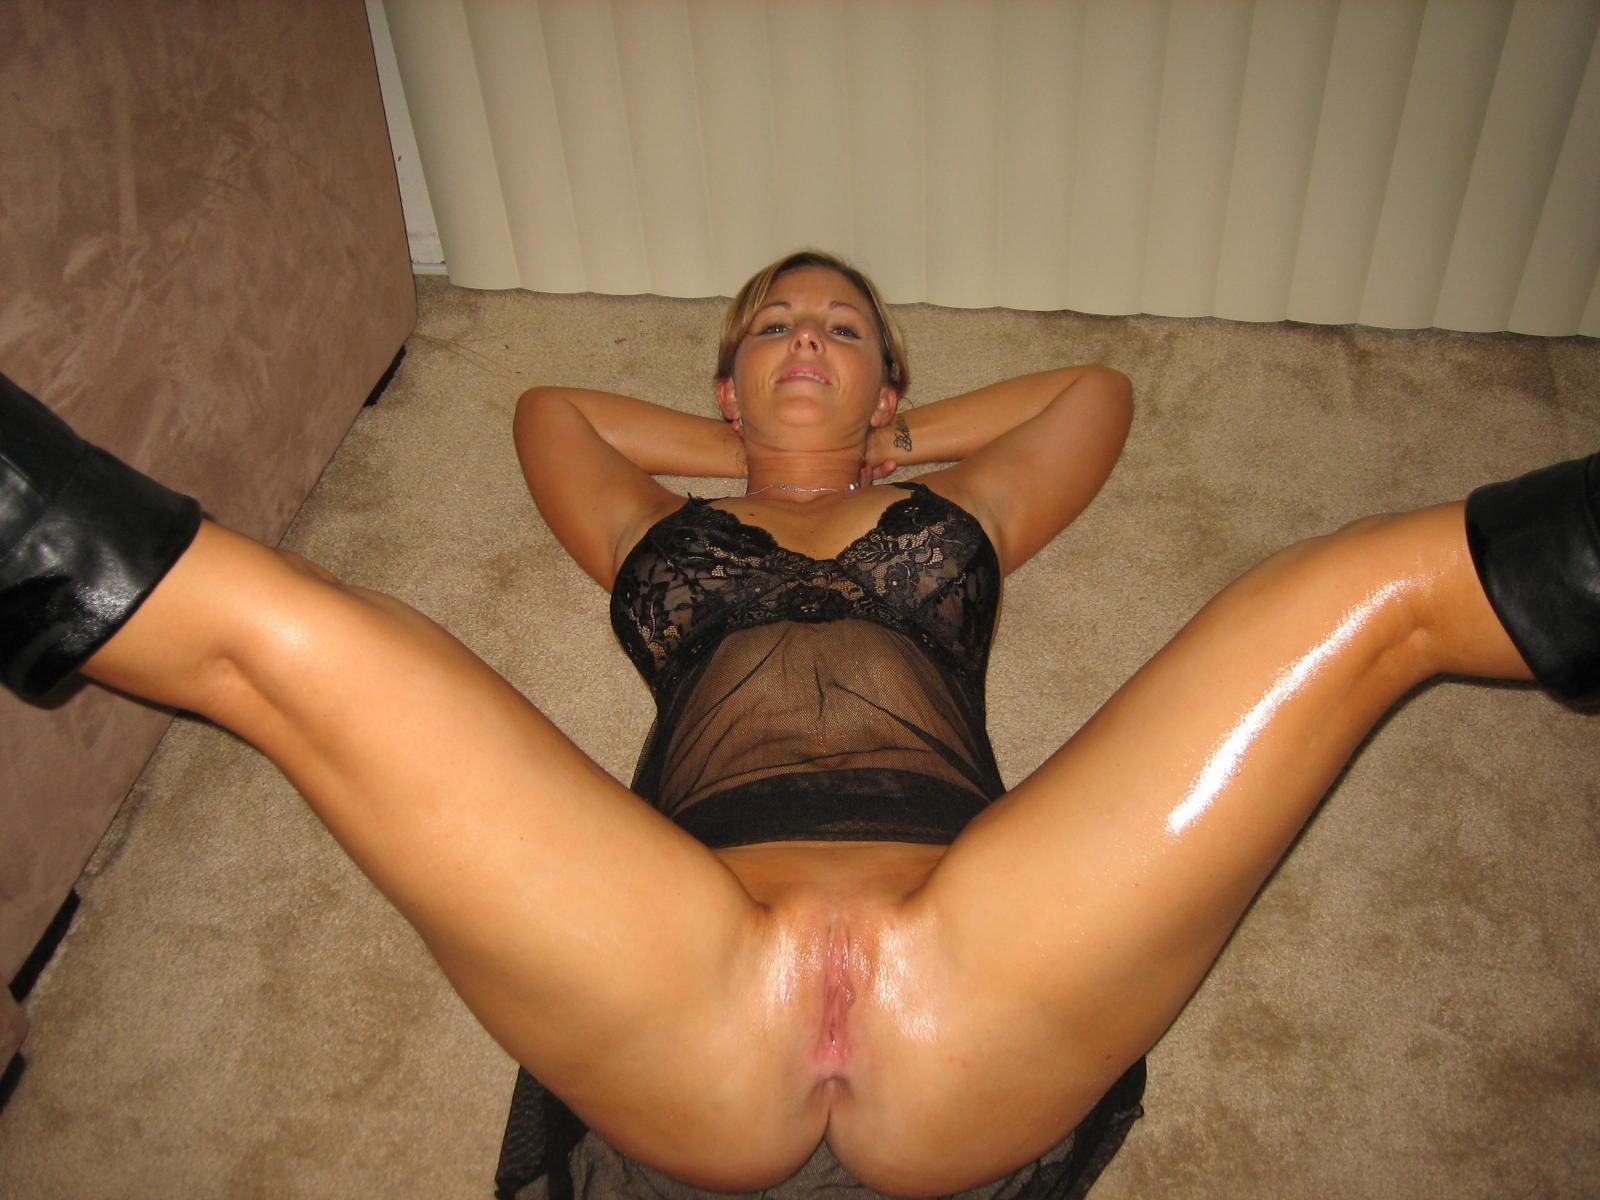 сочная пизденка зрелой женщины